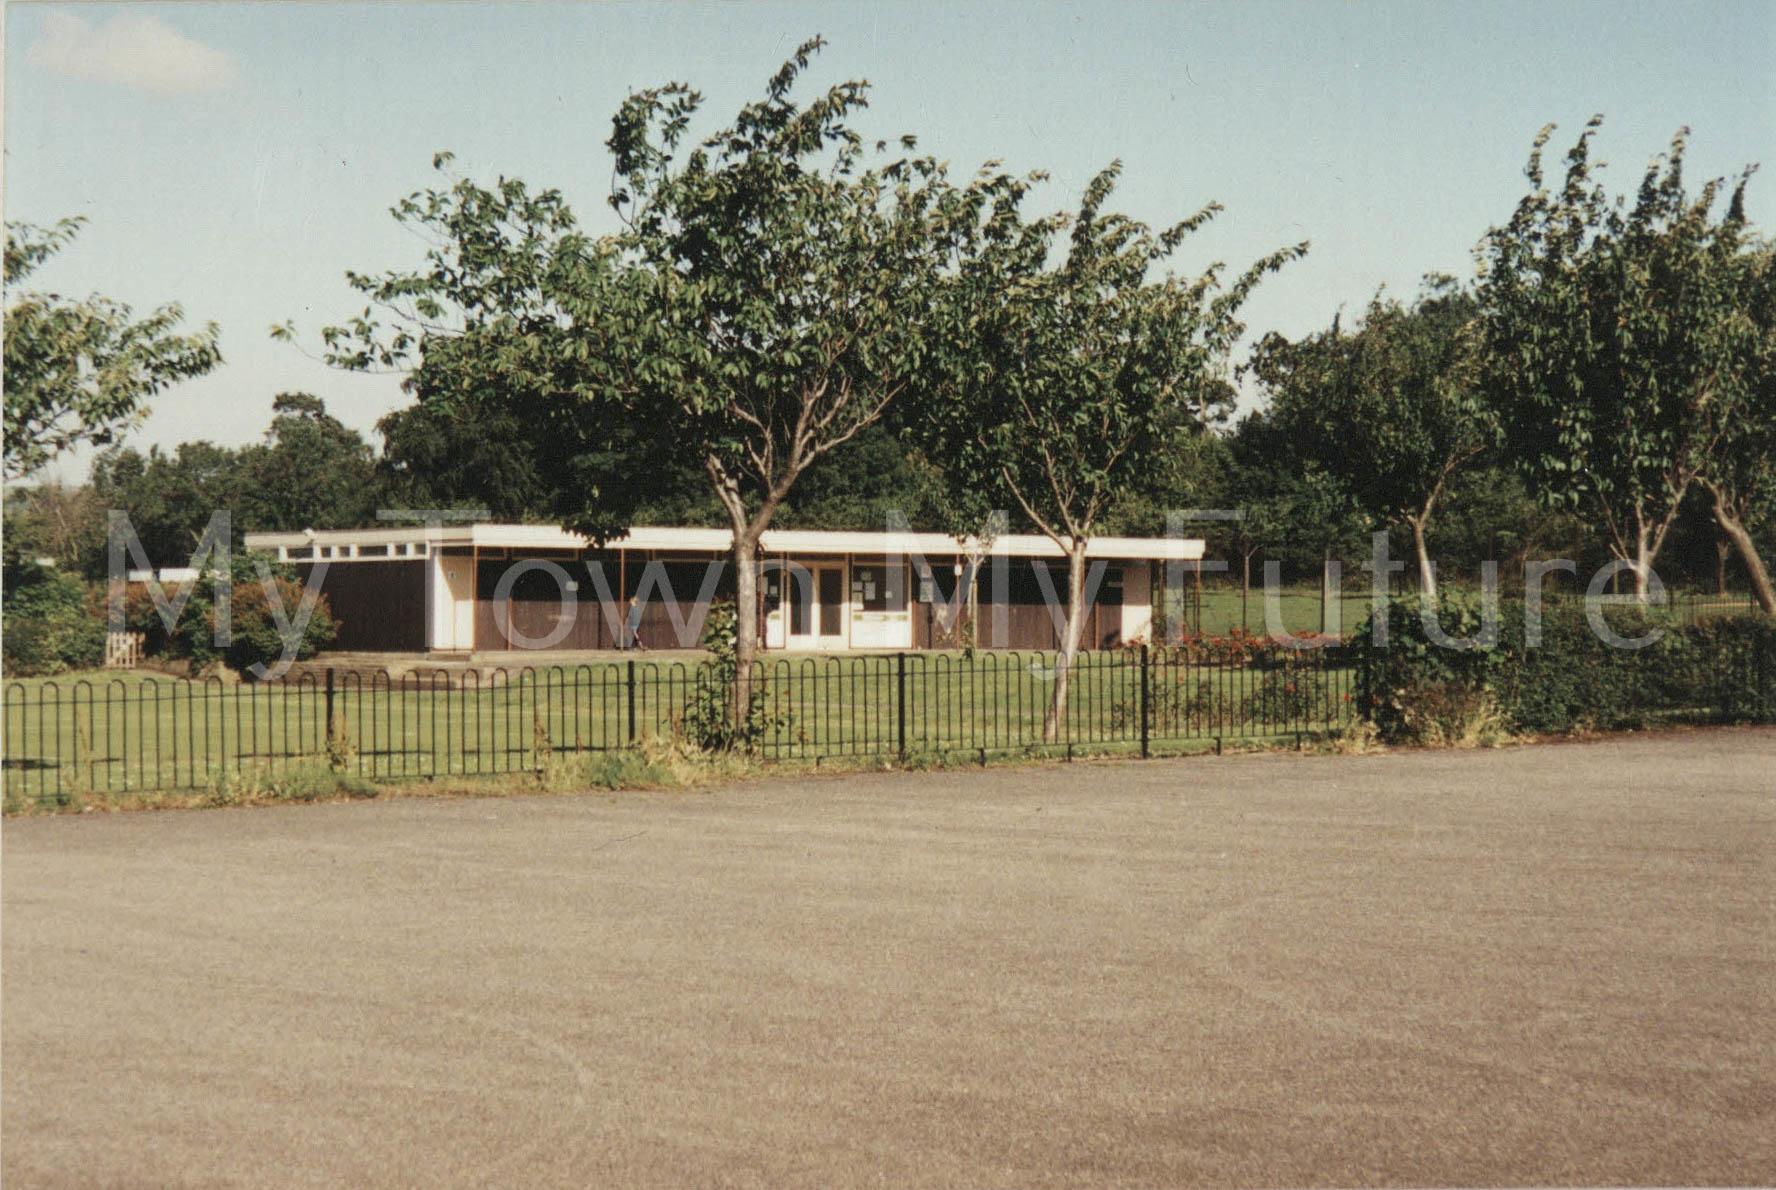 Prissick Sports Centre (2000)